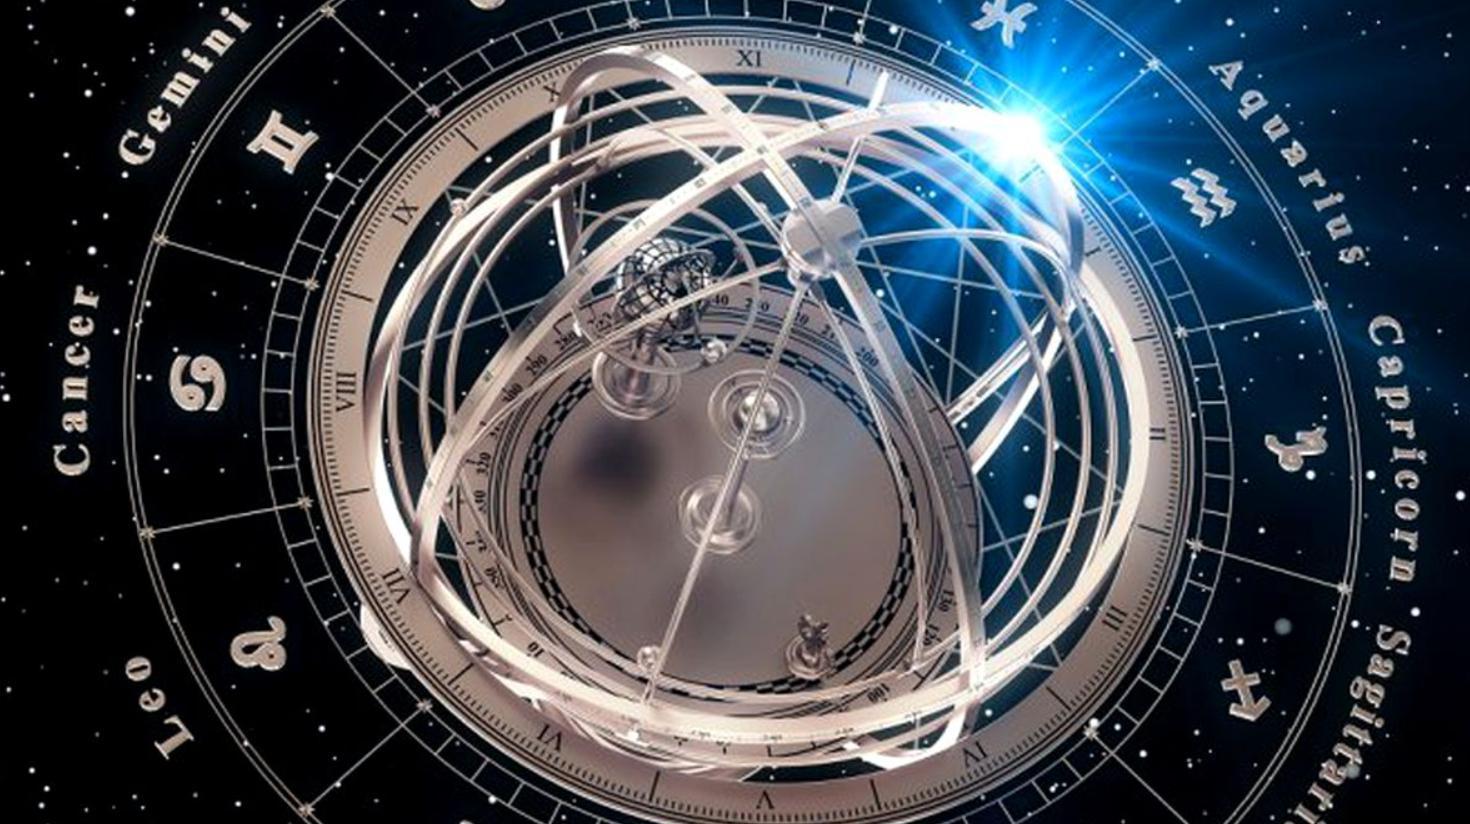 Daily Horoscope 25 September 2019